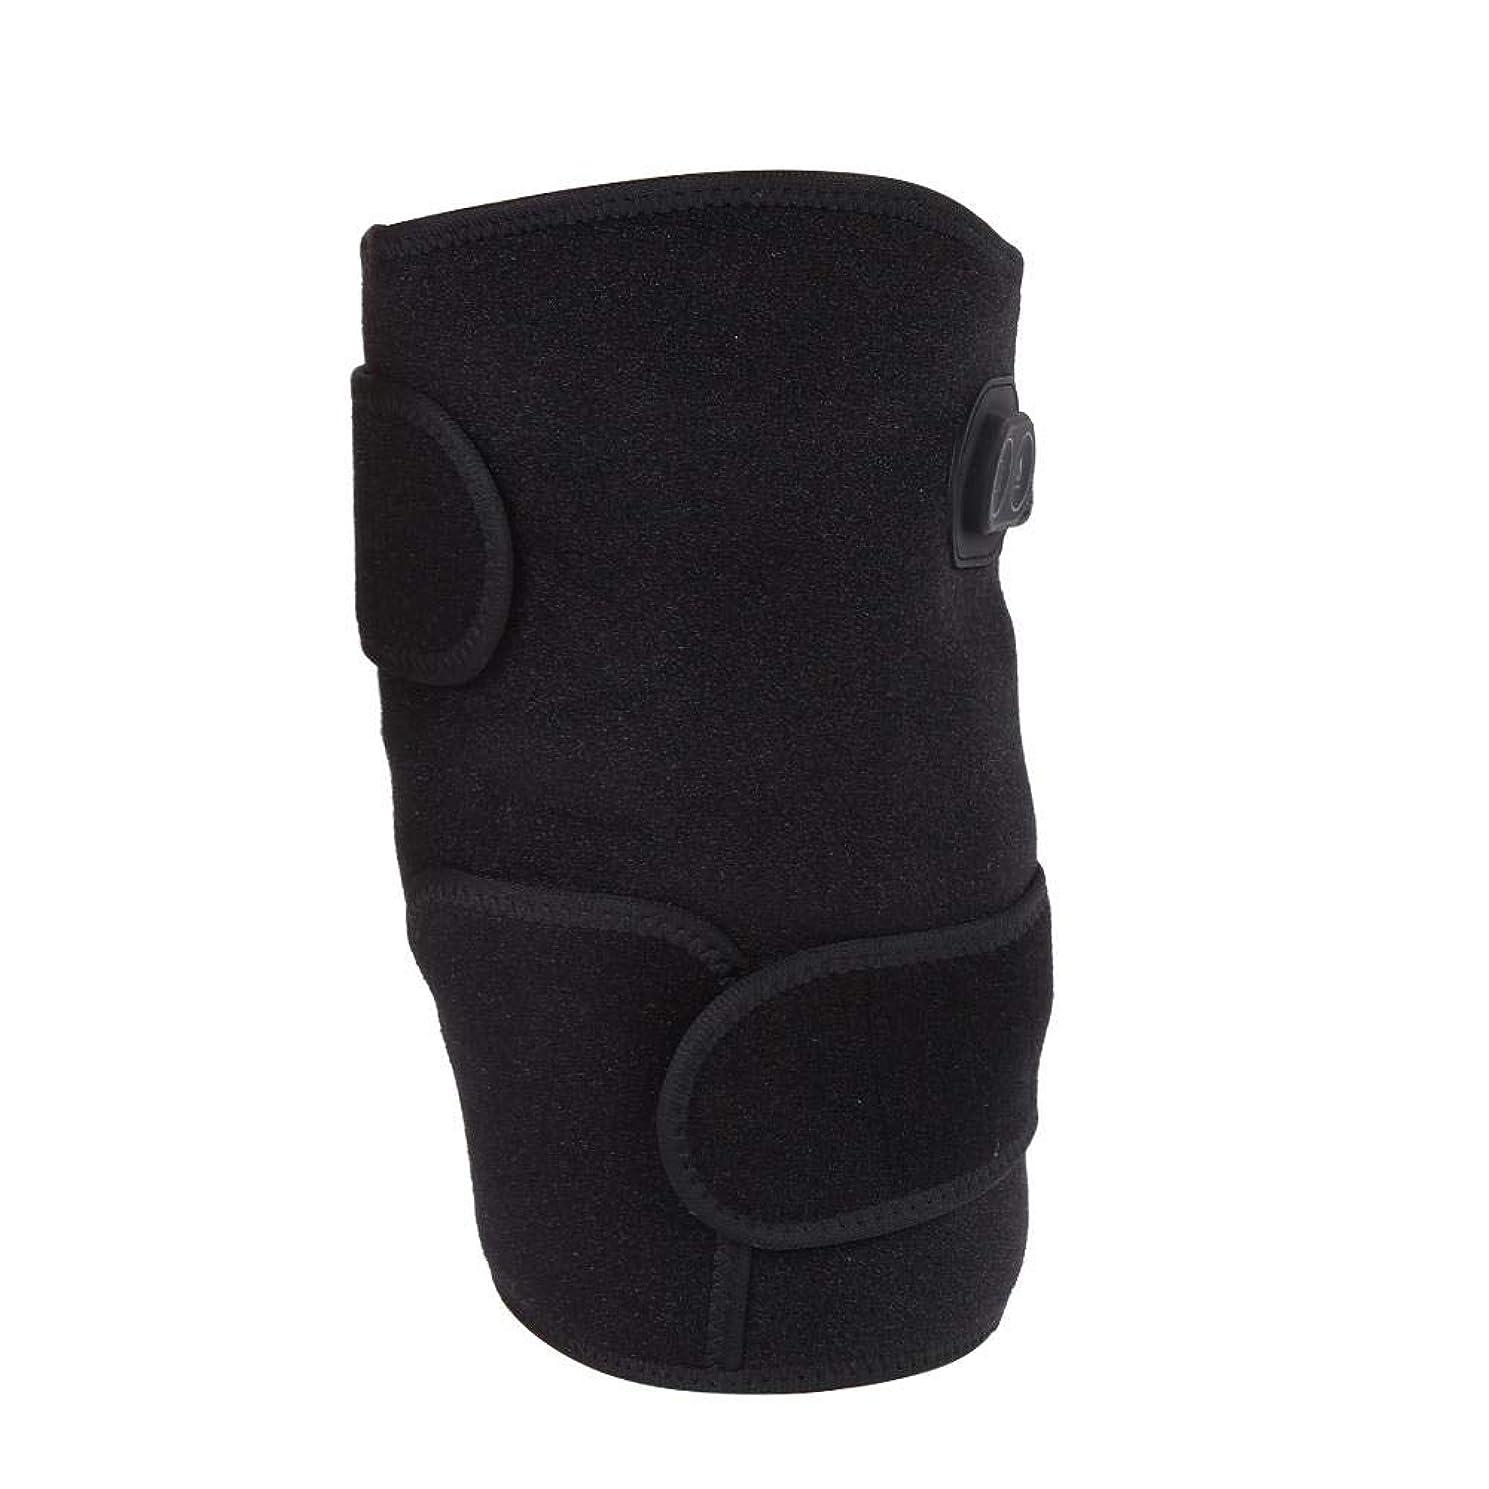 ベーシックファーザーファージュ報奨金加熱膝パッド、電熱膝ブレース加熱保温のための柔軟な機動性を備えた鎮痛膝サポートコンプレッサー